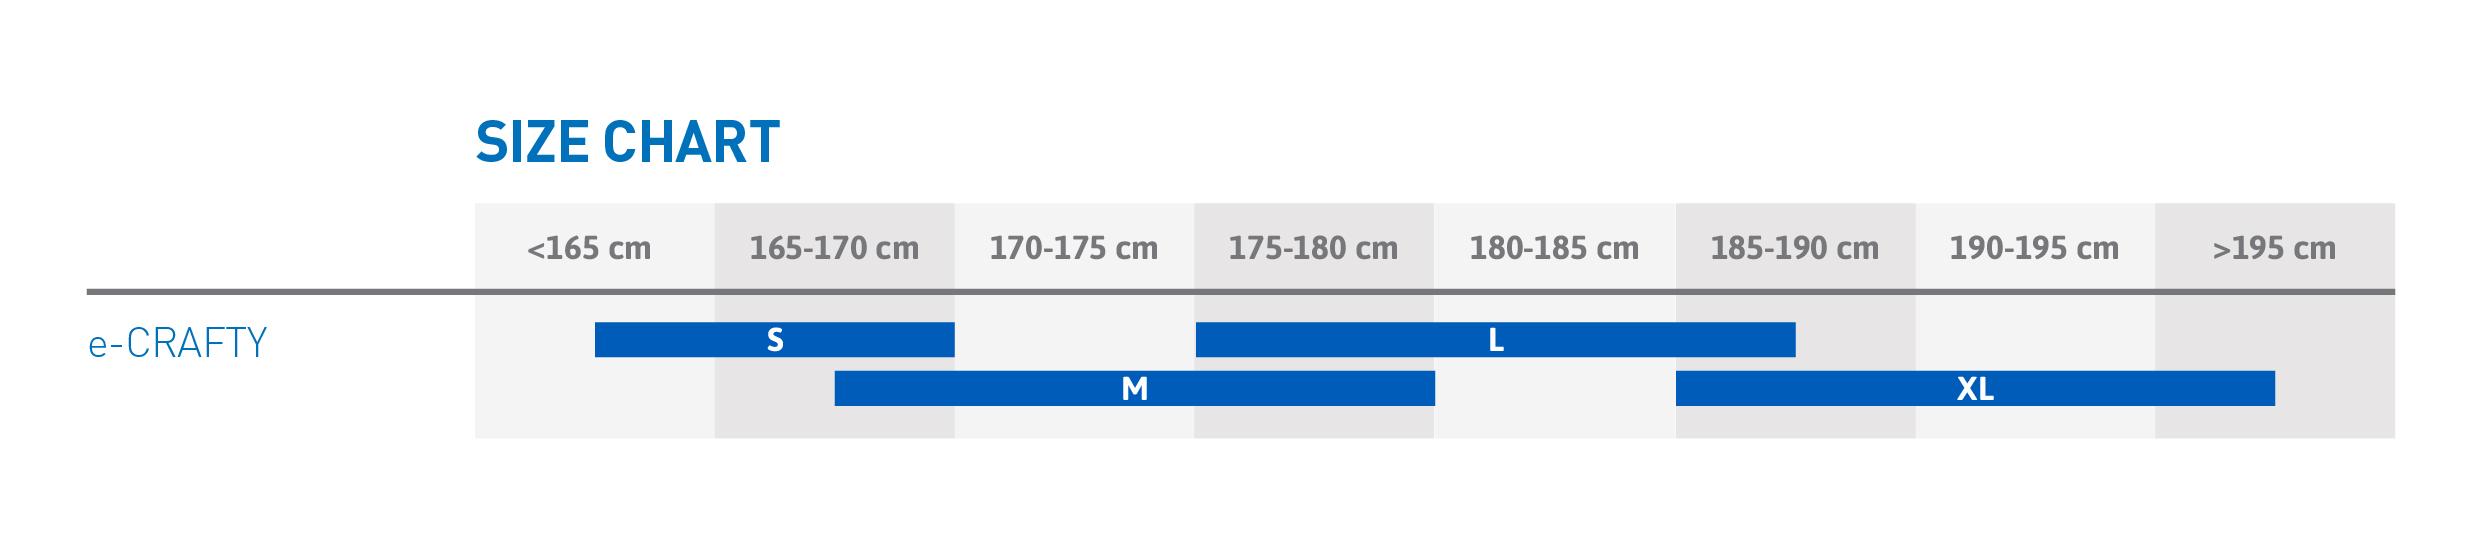 Veľkostná tabuľka - Mondraker CRAFTY RR+